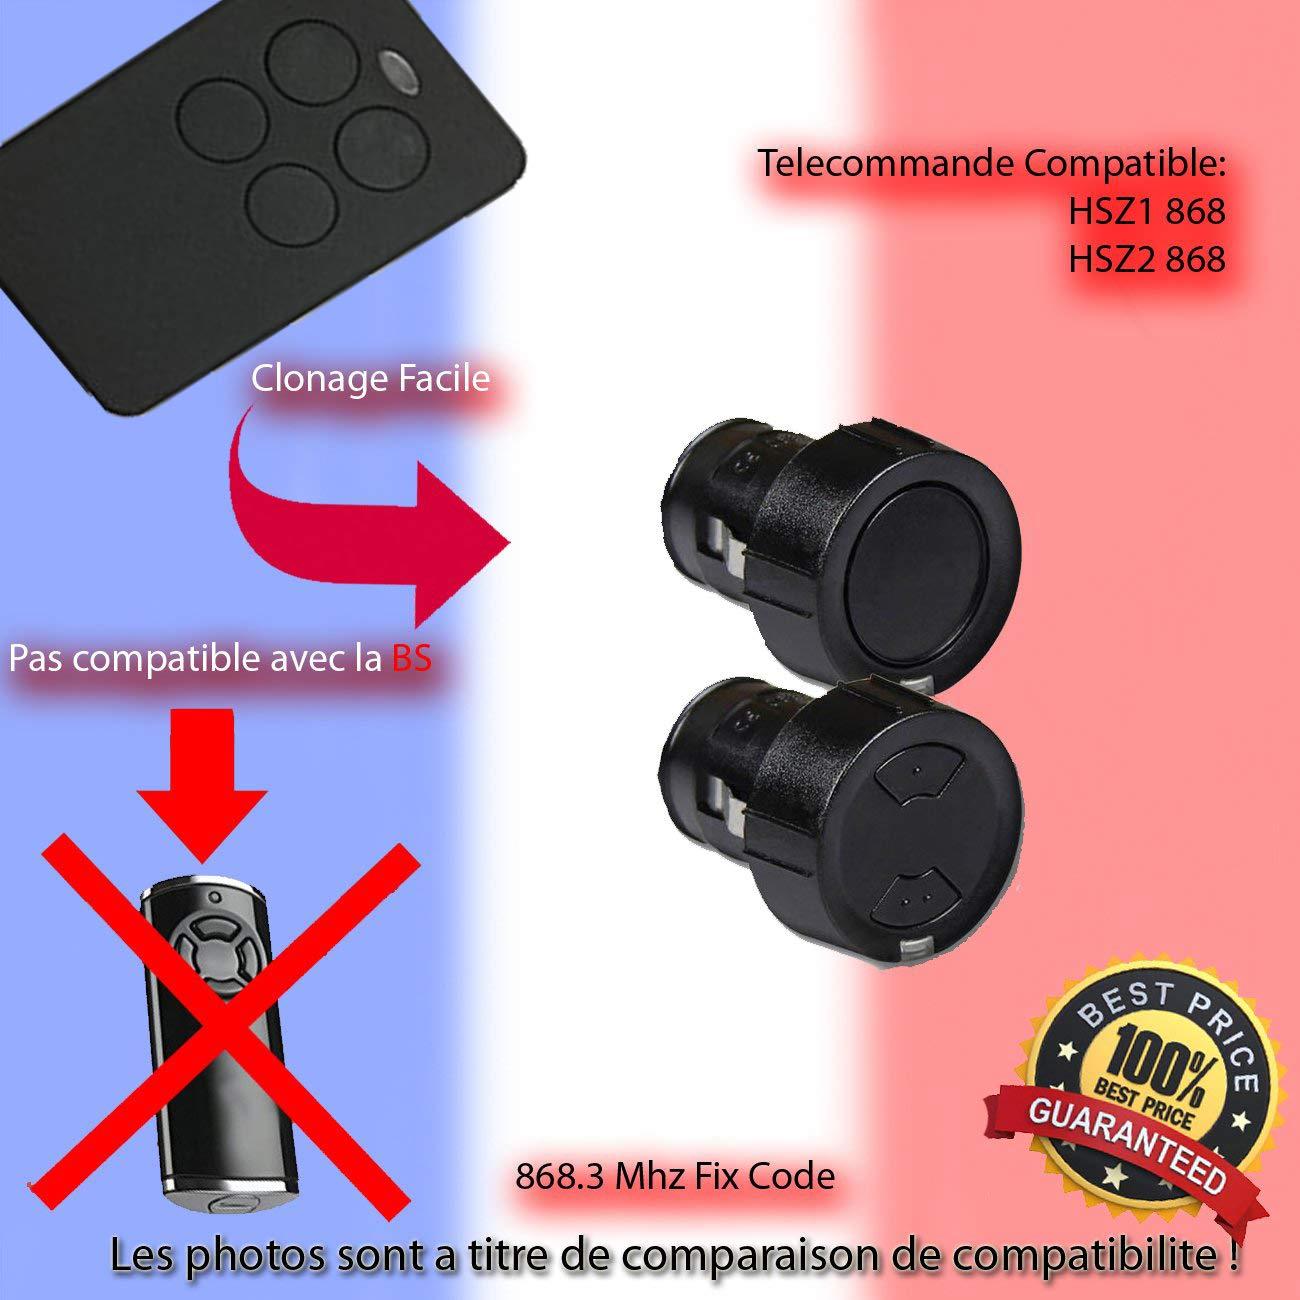 HSD2-C 868 Telecommande de Remplacement Compatible avec HSD2-A 868 Clone